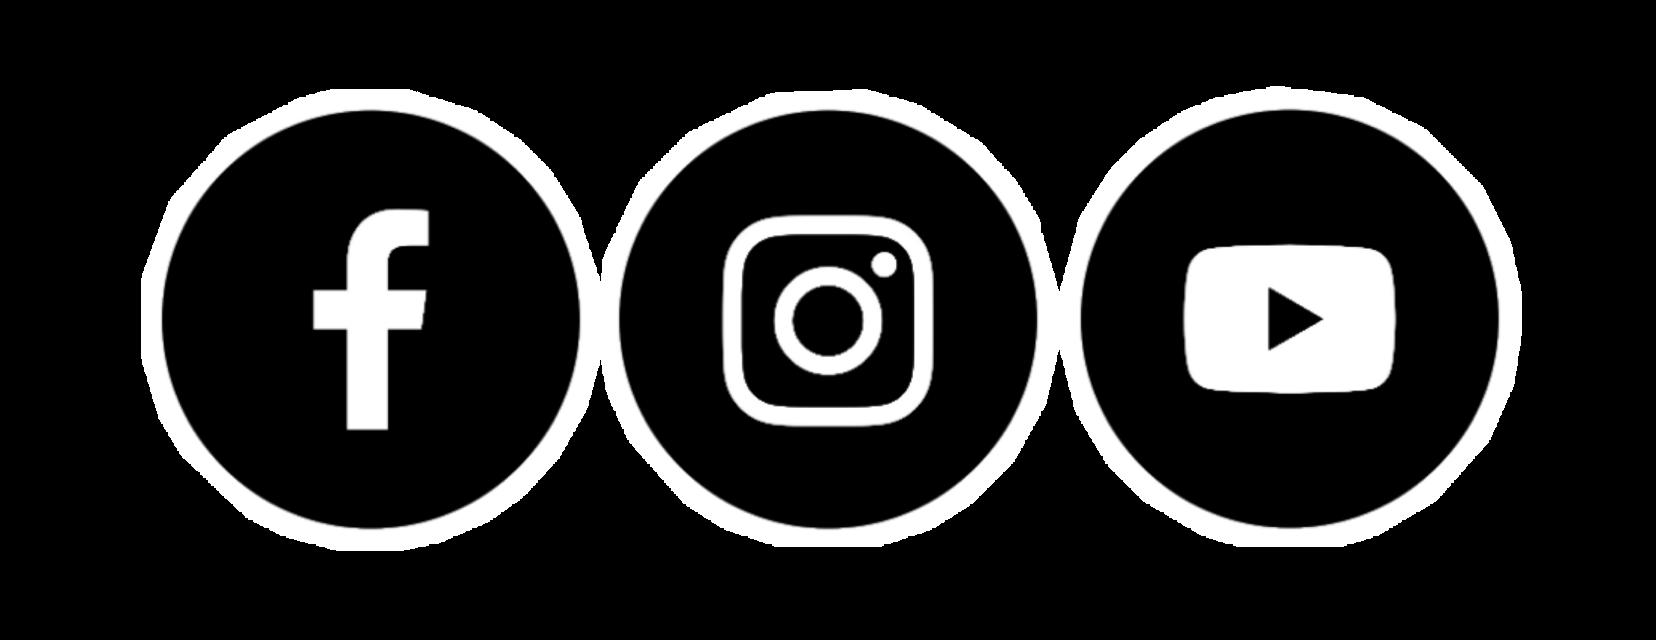 #ikonsosialmedia #yaoutube #facebook #twitter #instagram